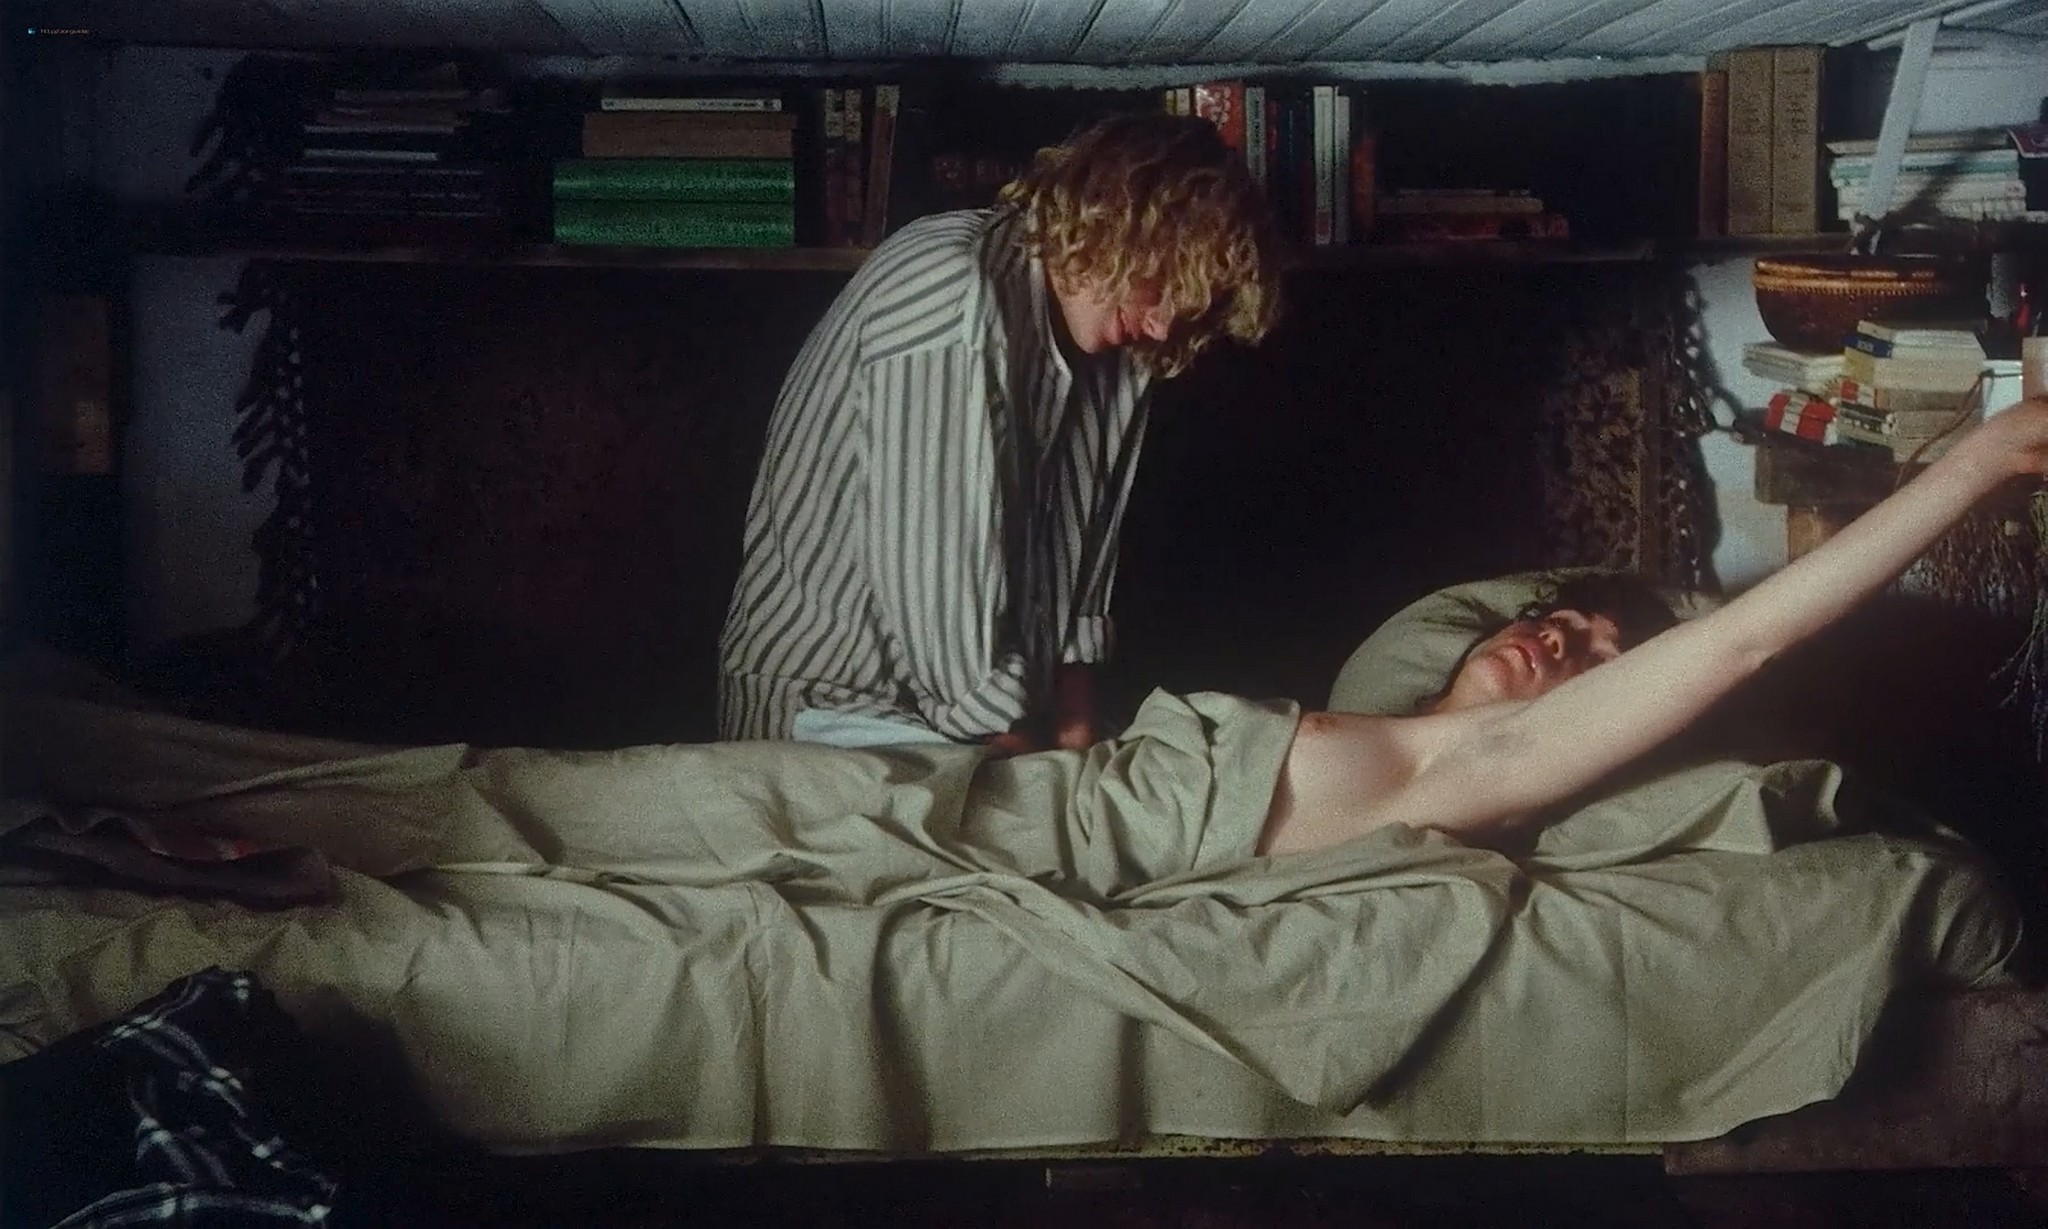 Maria Schneider nude lesbian sex with Monique van de Ven Een vrouw als Eva NL 1979 1080p BluRay 11